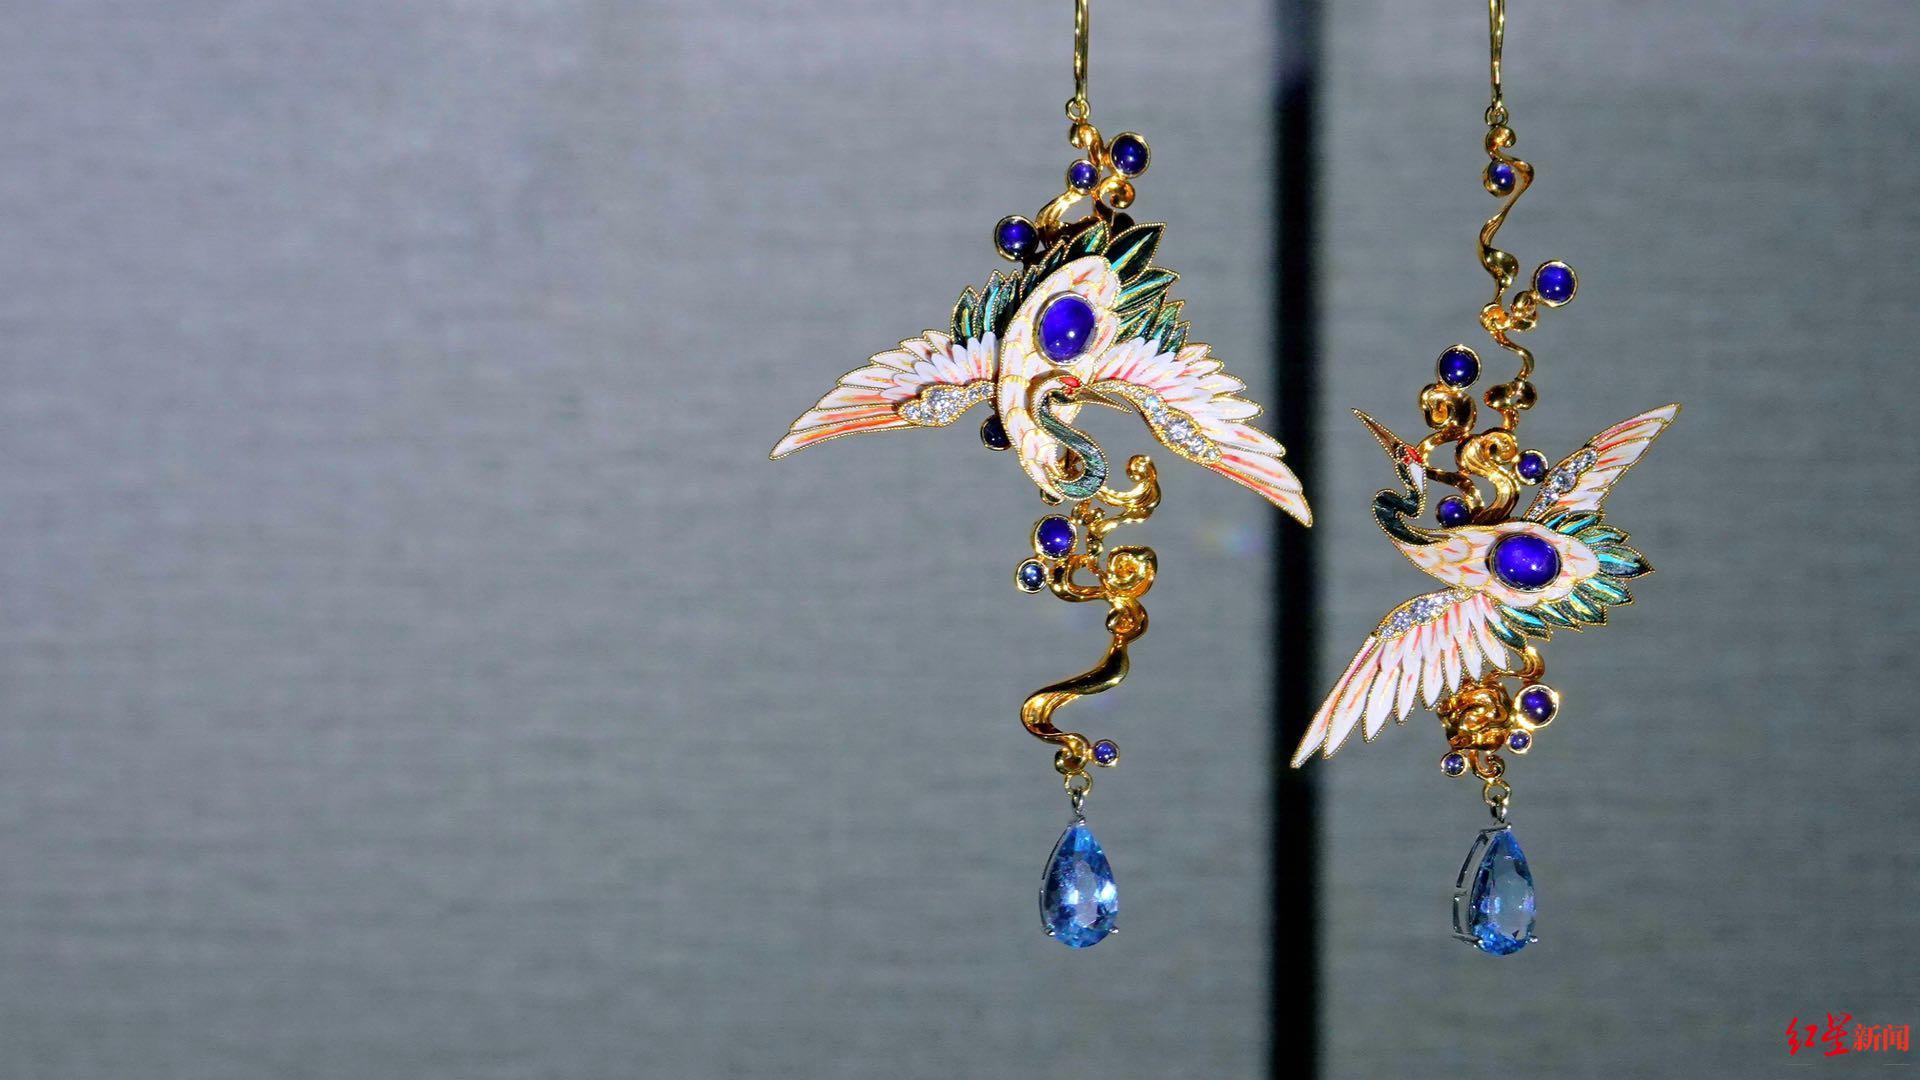 使用替代物品制作的点翠首饰。图据焕鸾古典珠宝首饰工作室